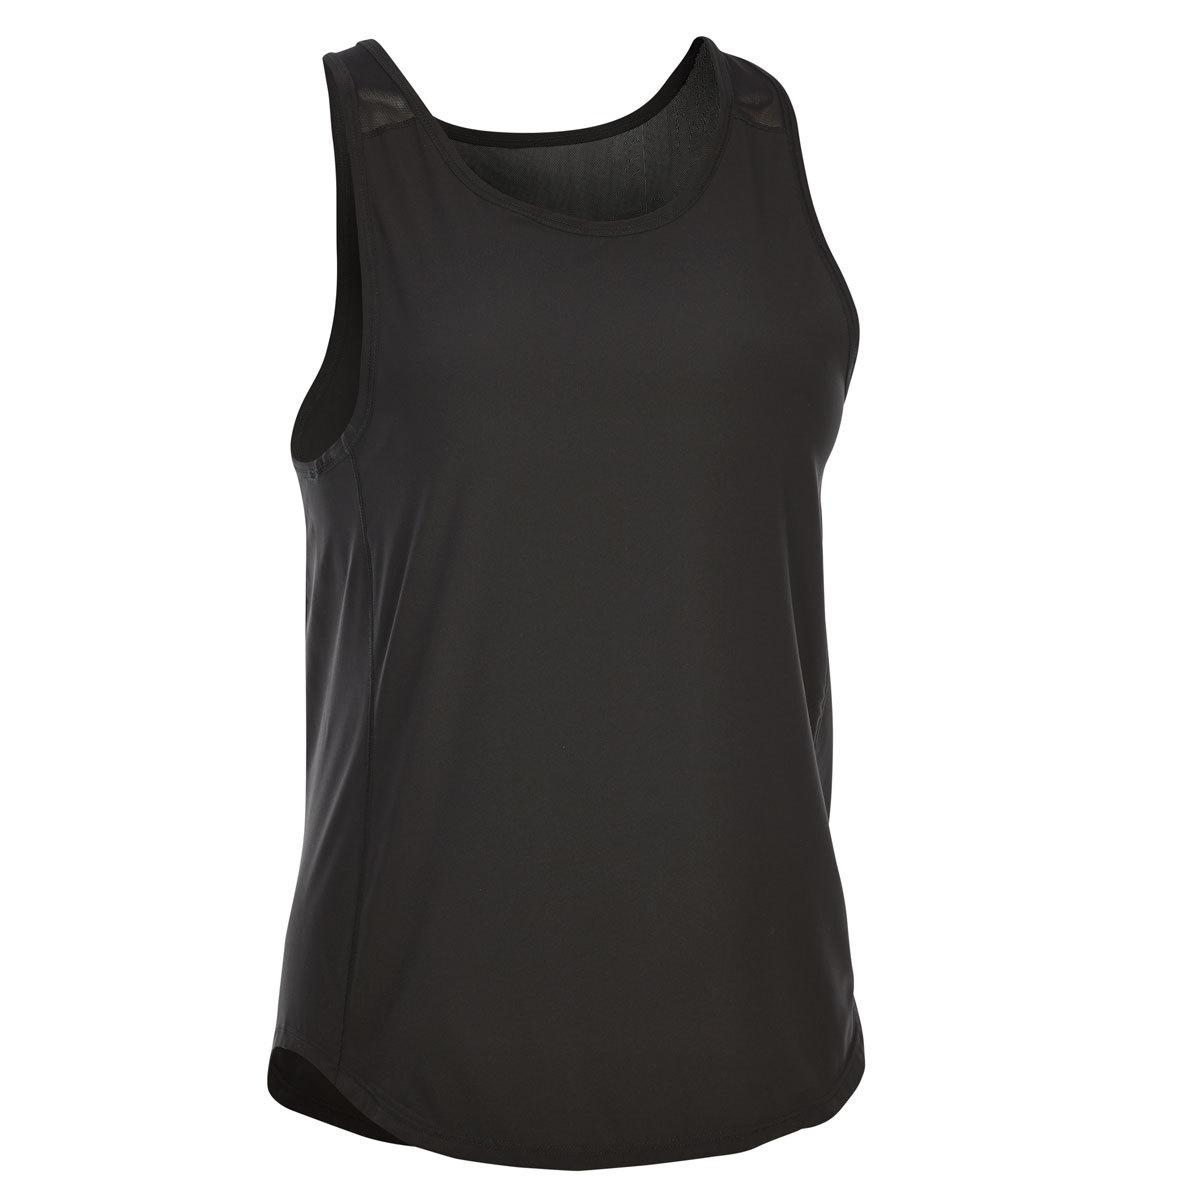 Ems Women's Techwick Lynsey Tank Top - Black, L